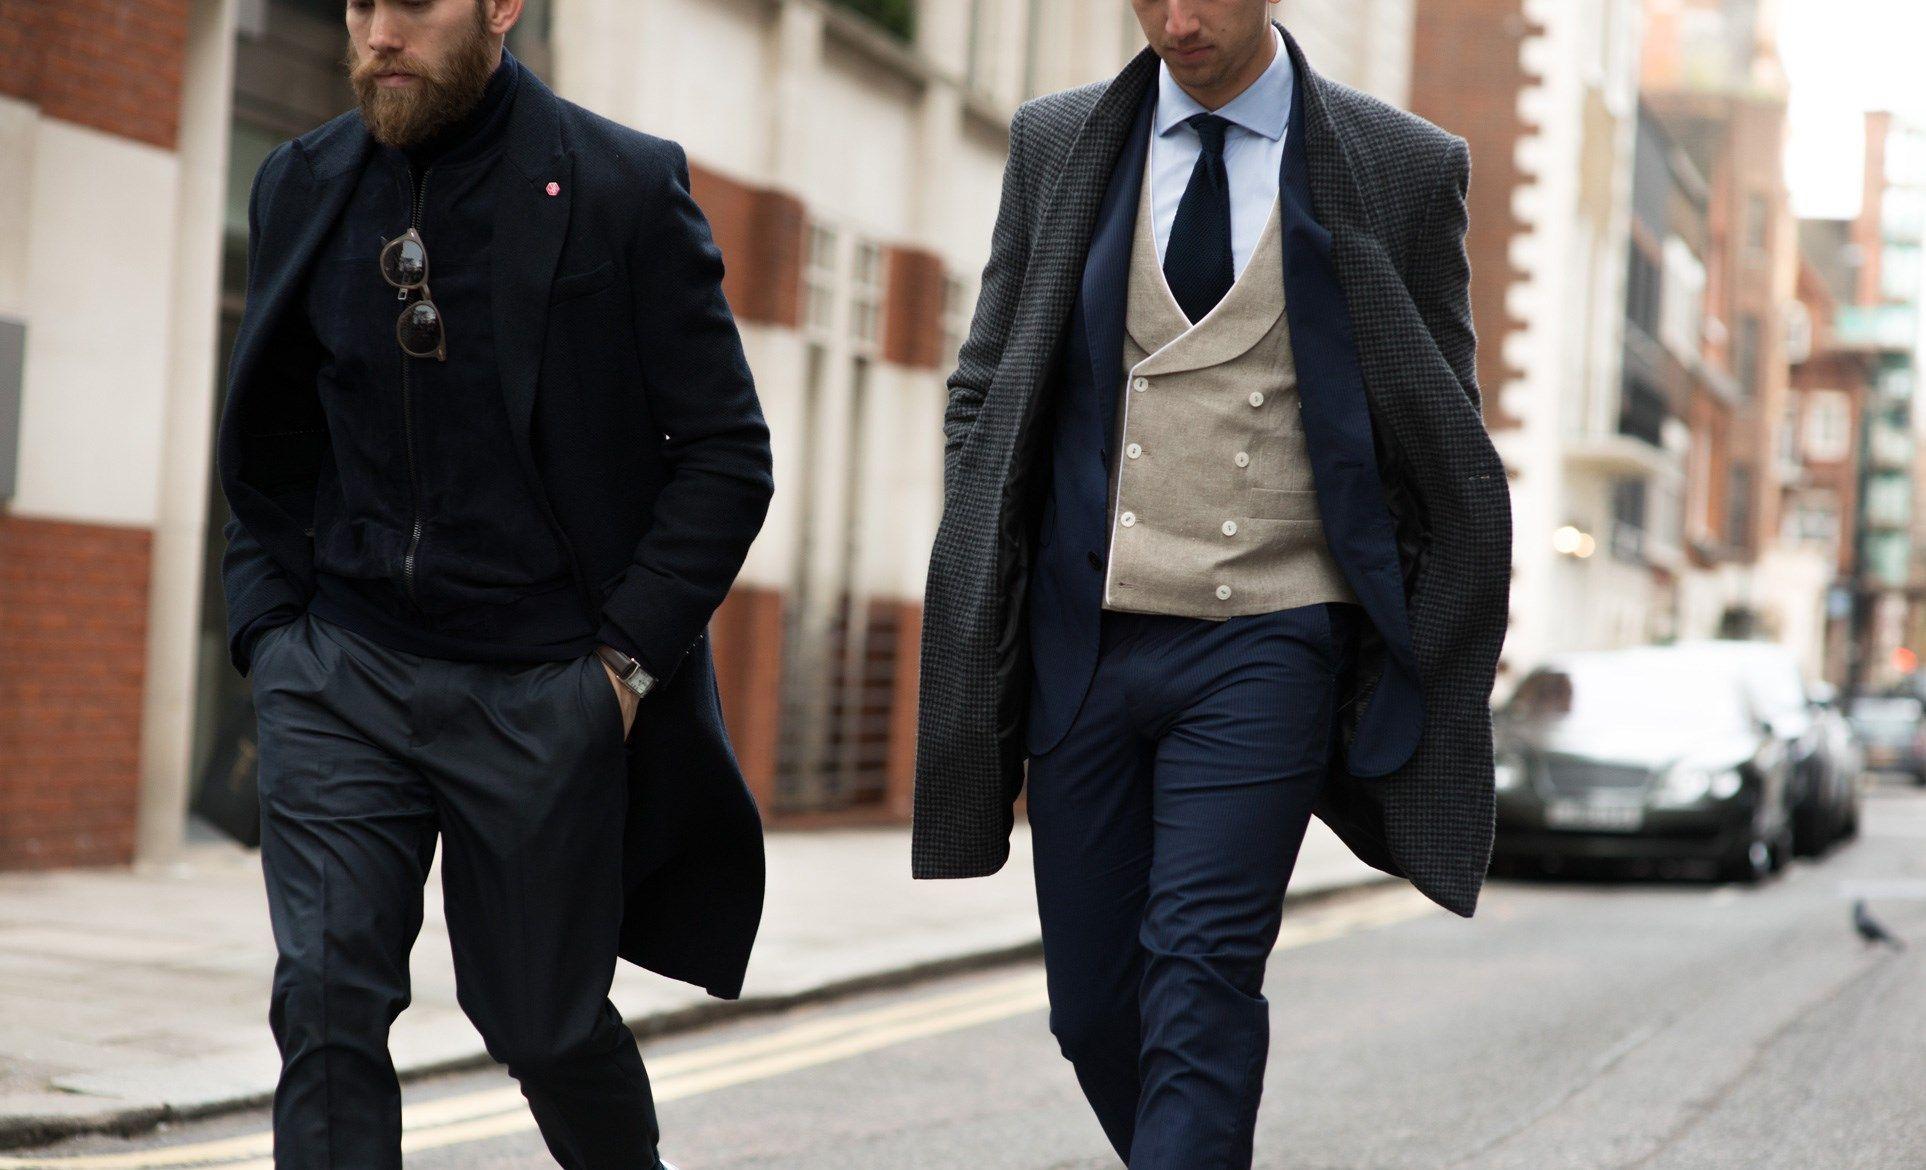 20c1df592c El secreto está en usar capas de ropa.  Hombres  Estilo  Fashion  Menswear   Lluvia  Dafiti  Abrigos  Trench